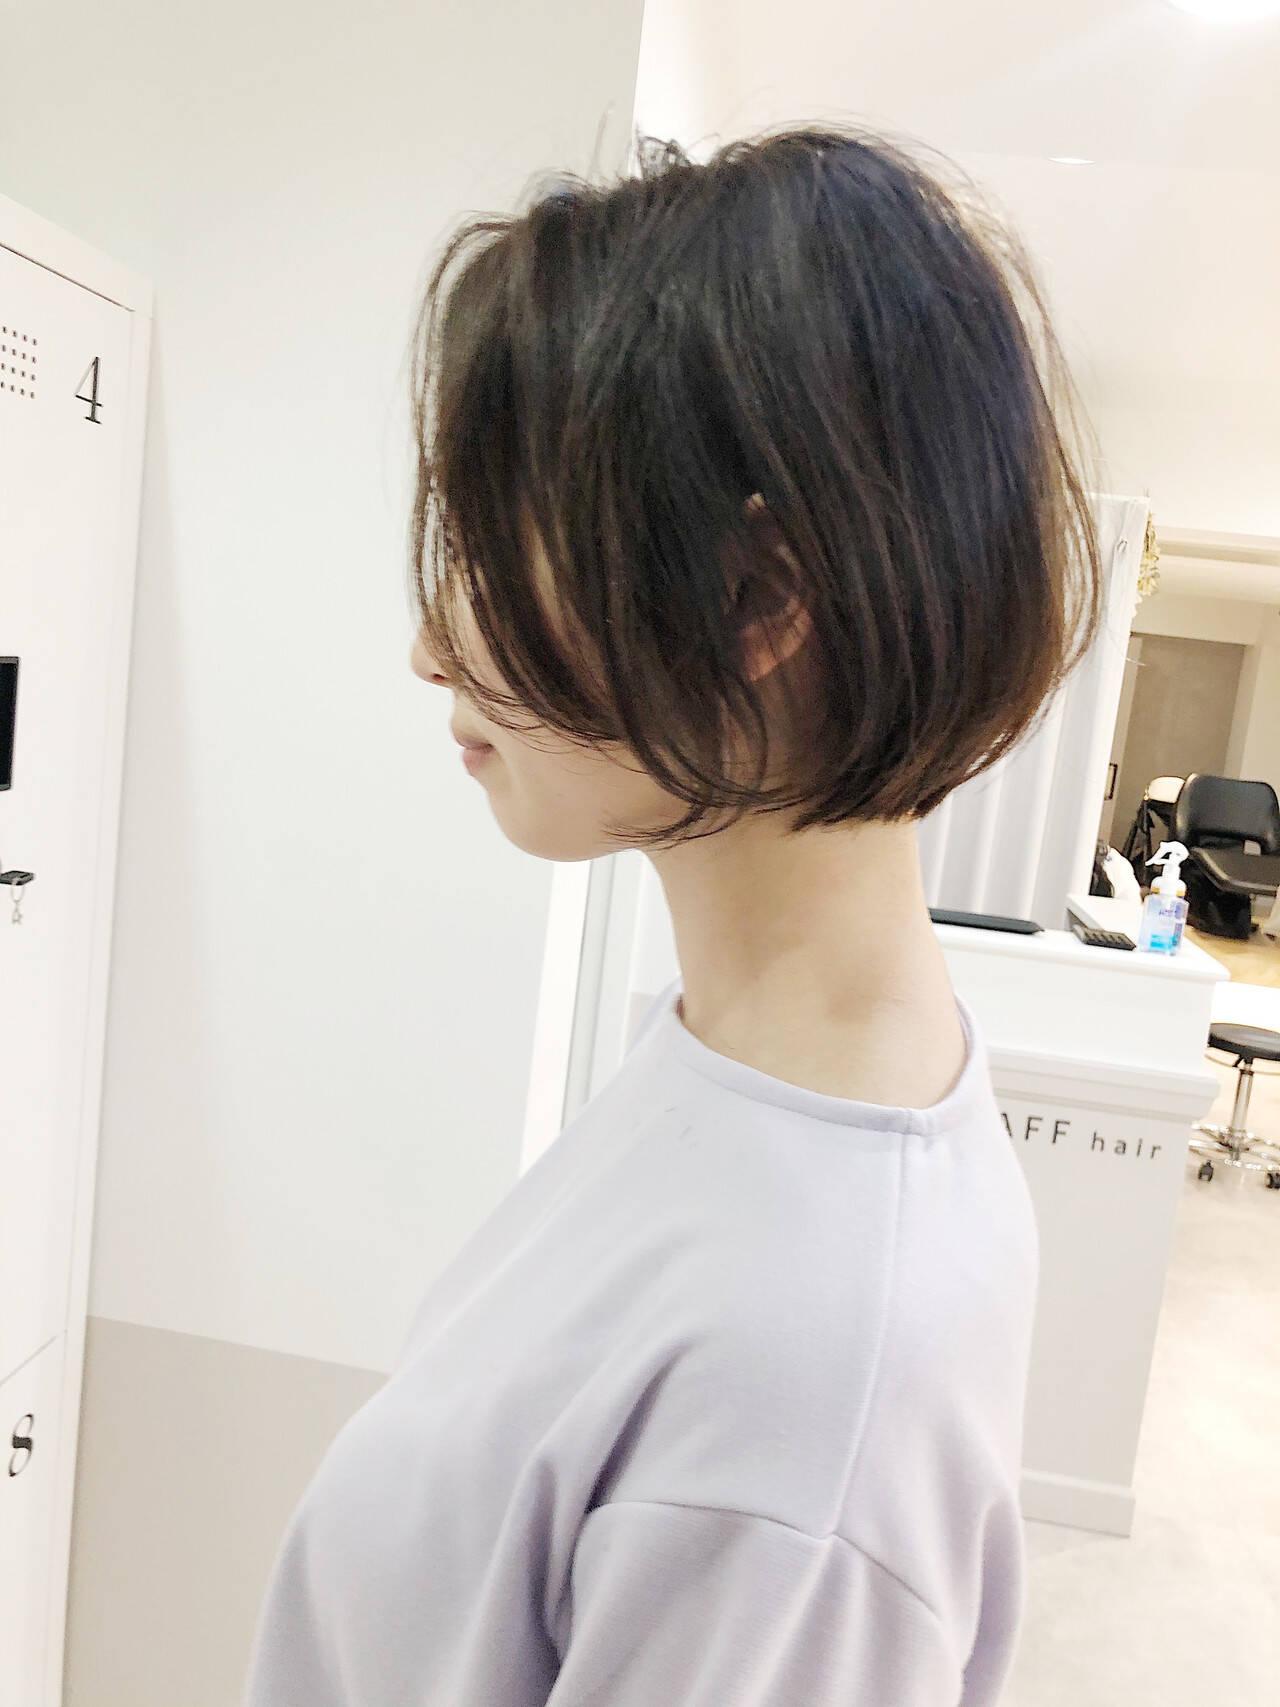 縮毛矯正 ボブ ショートボブ ナチュラルヘアスタイルや髪型の写真・画像